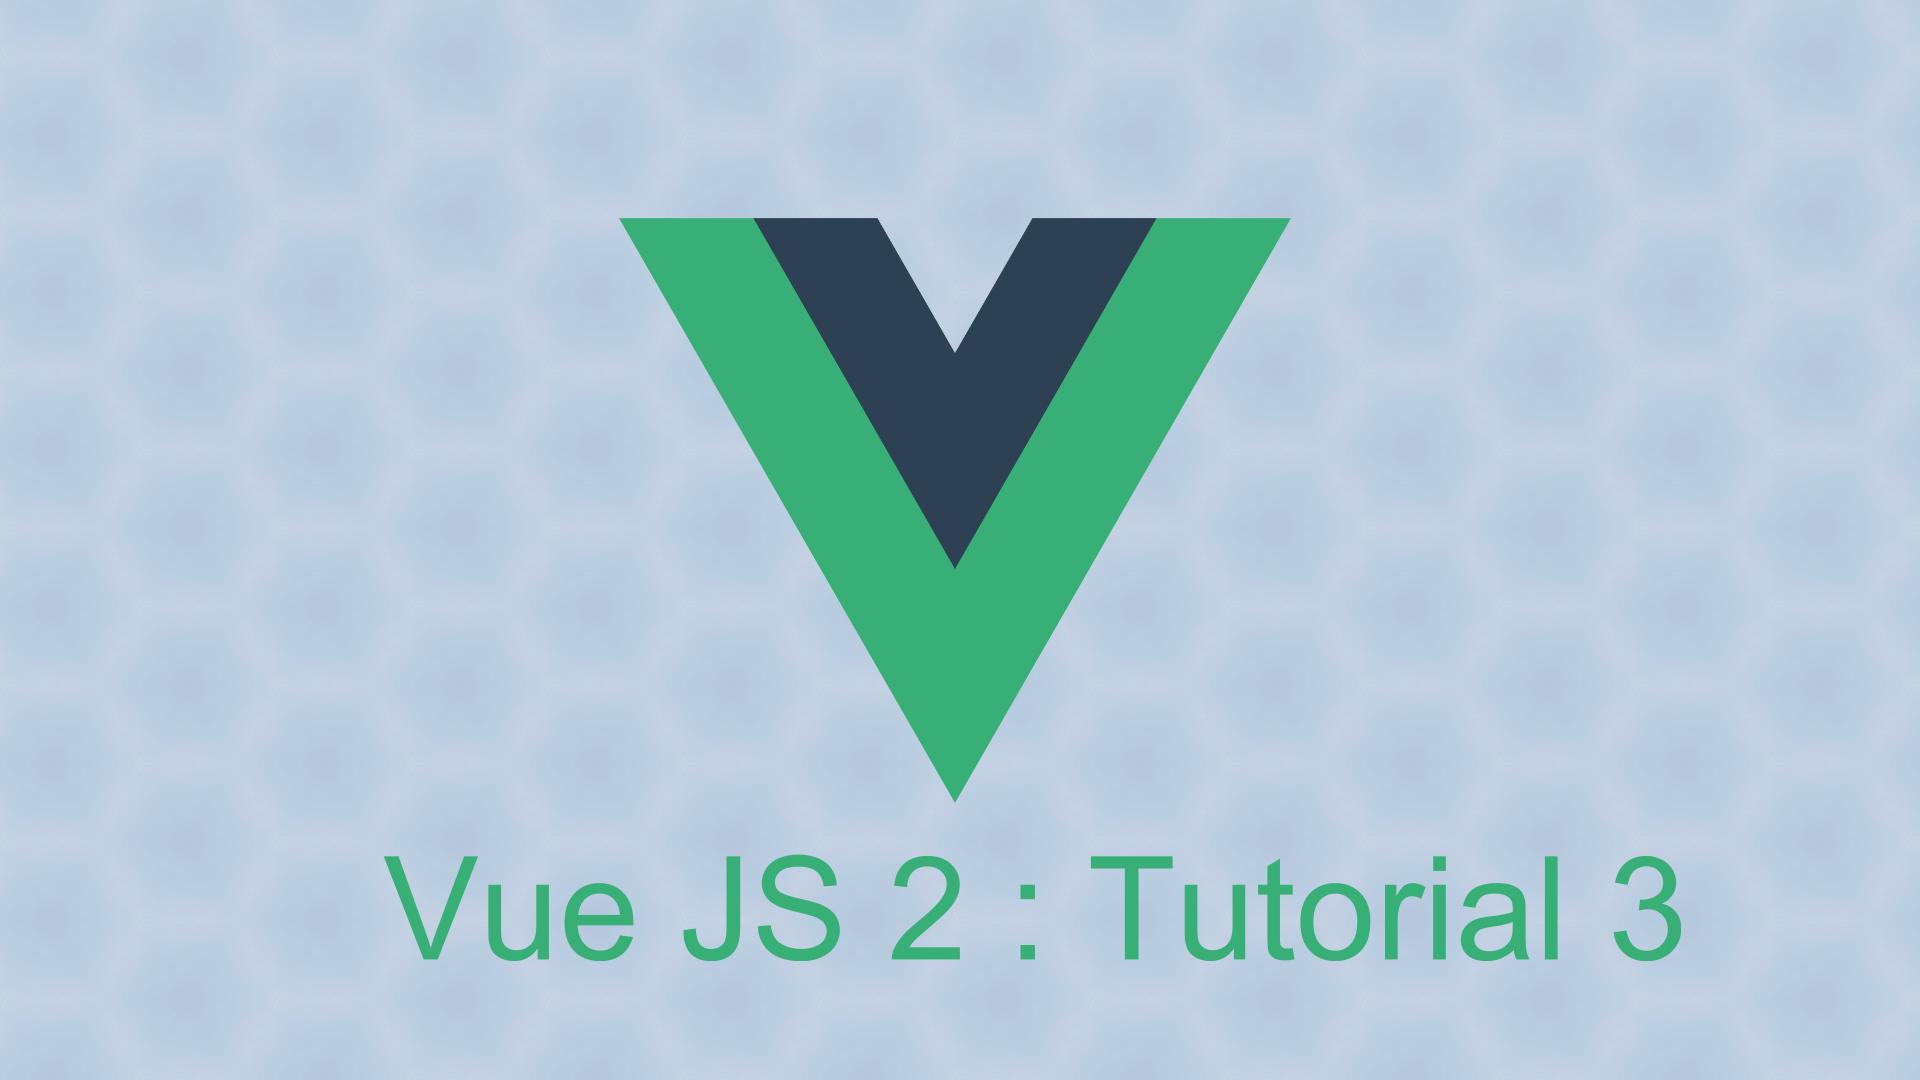 vue-js-tutorial-3 computed properties